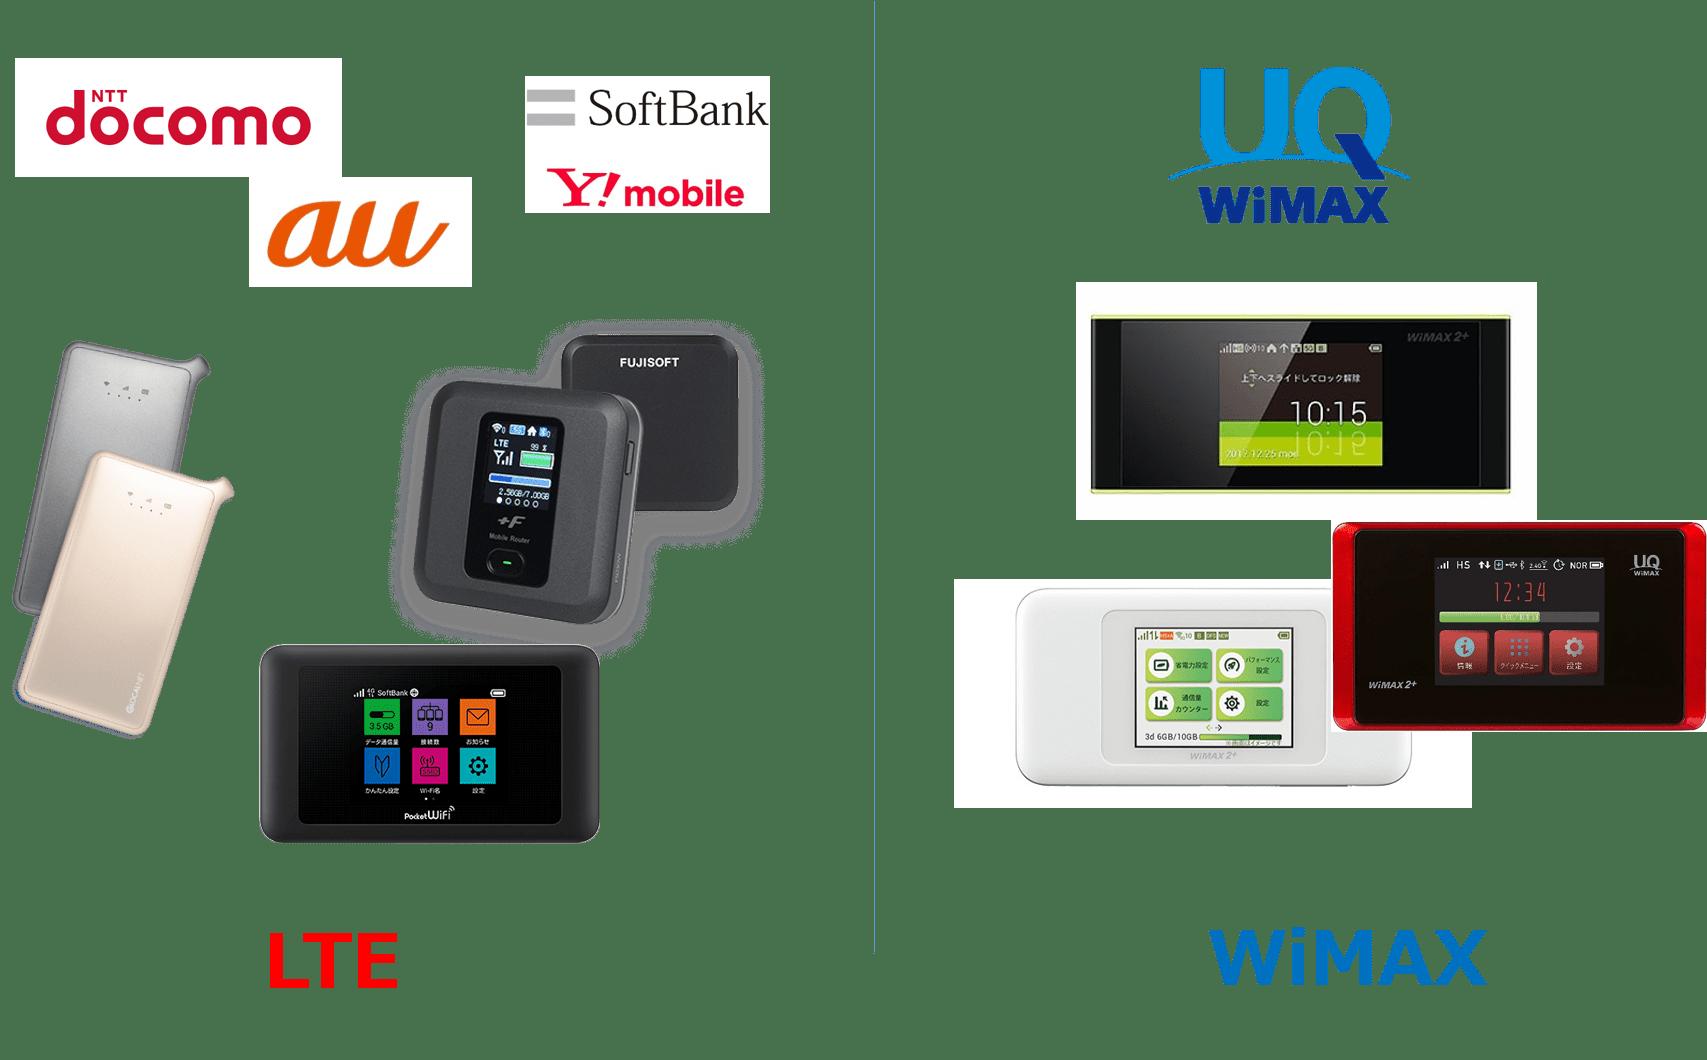 WiMAXは使える機種が限られている